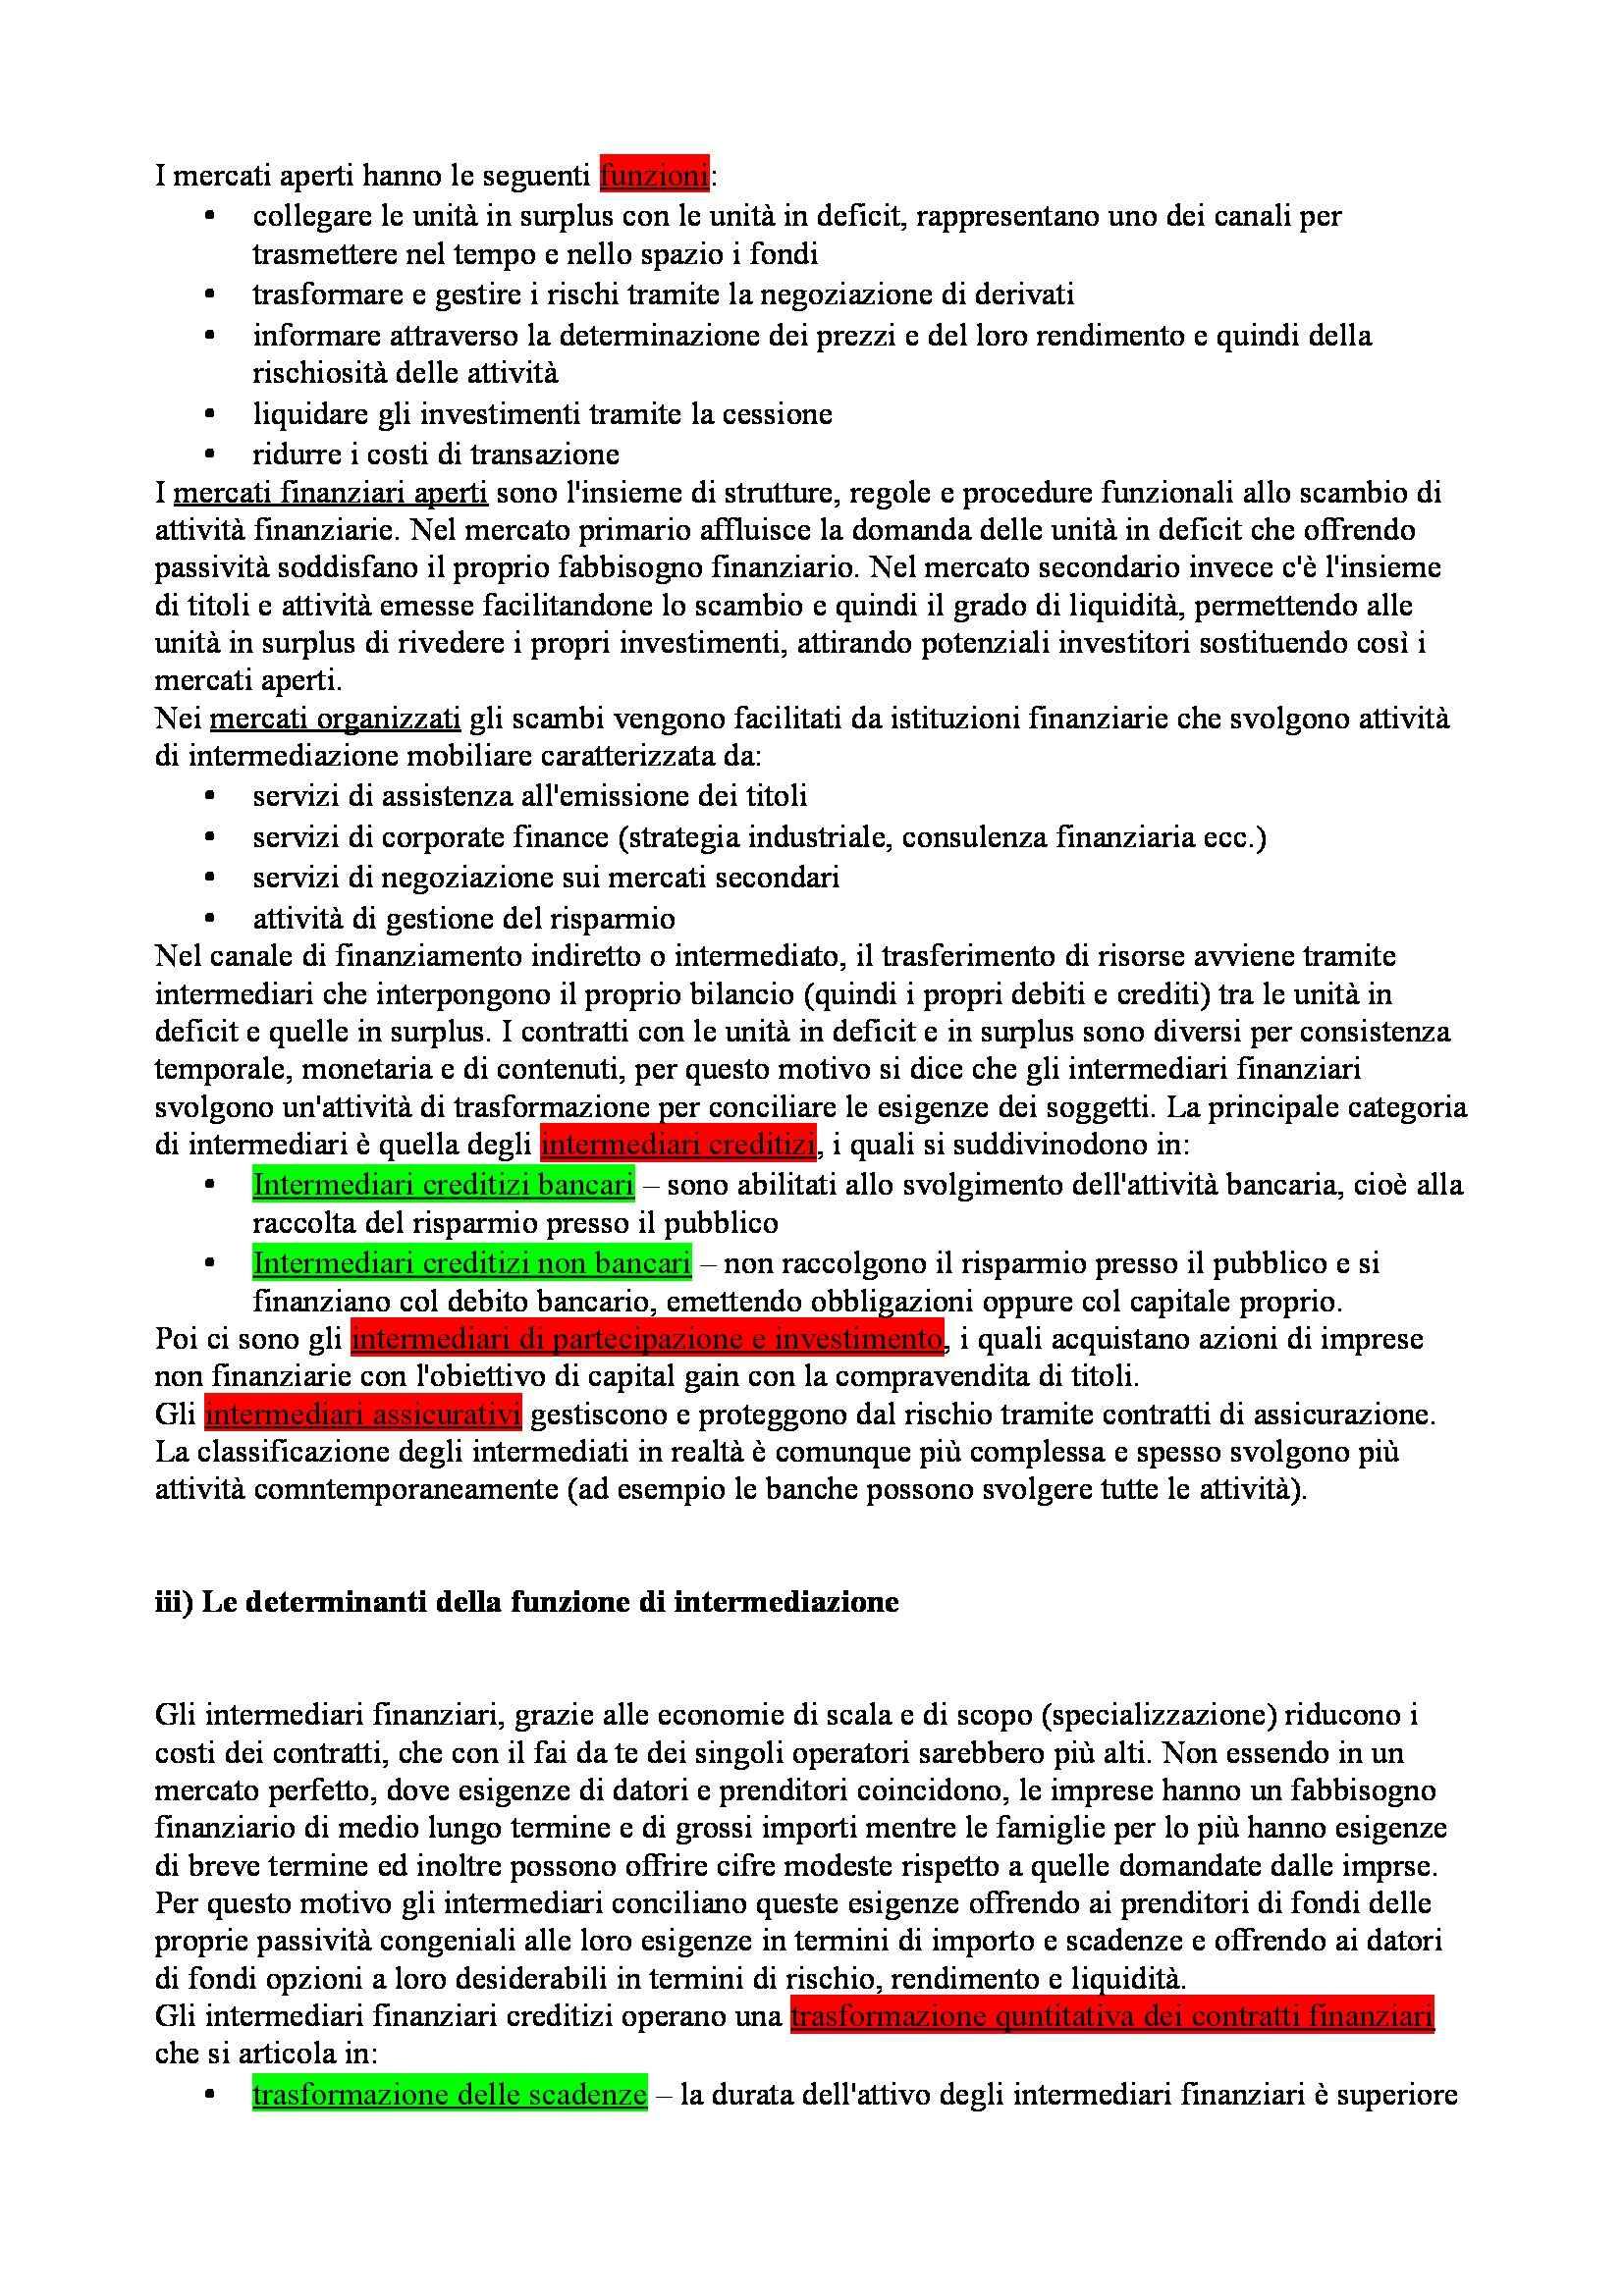 Riassunto esame Economia degli intermediari finanziari, prof. Moro, libro consigliato Banfi Biasin Pag. 11